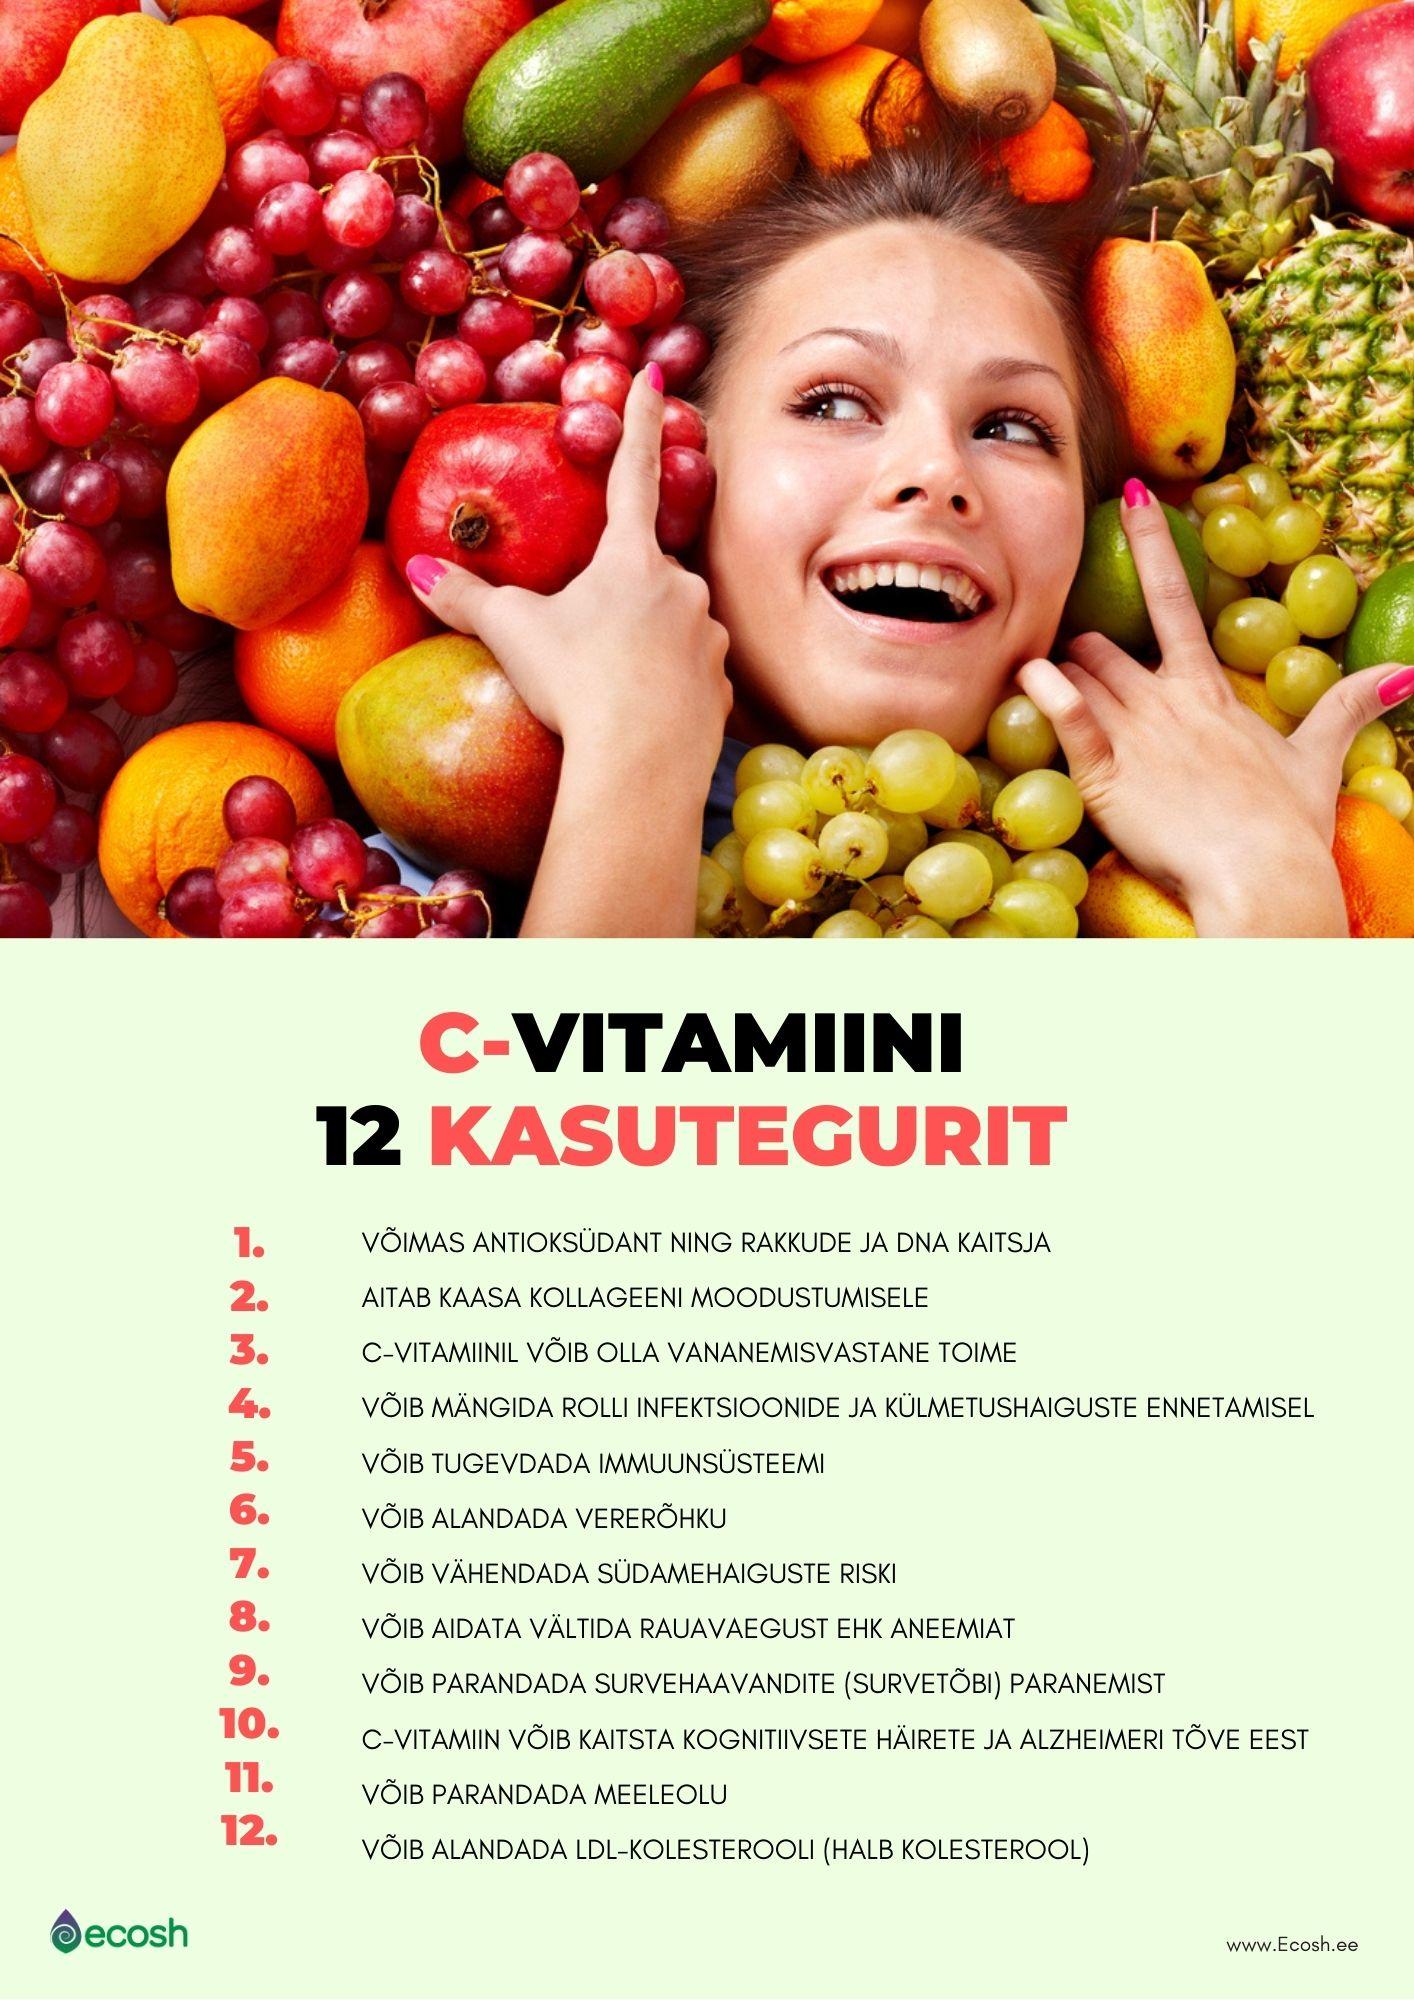 C-vitamiini kasutegurid_C-vitamiini kasulikkus